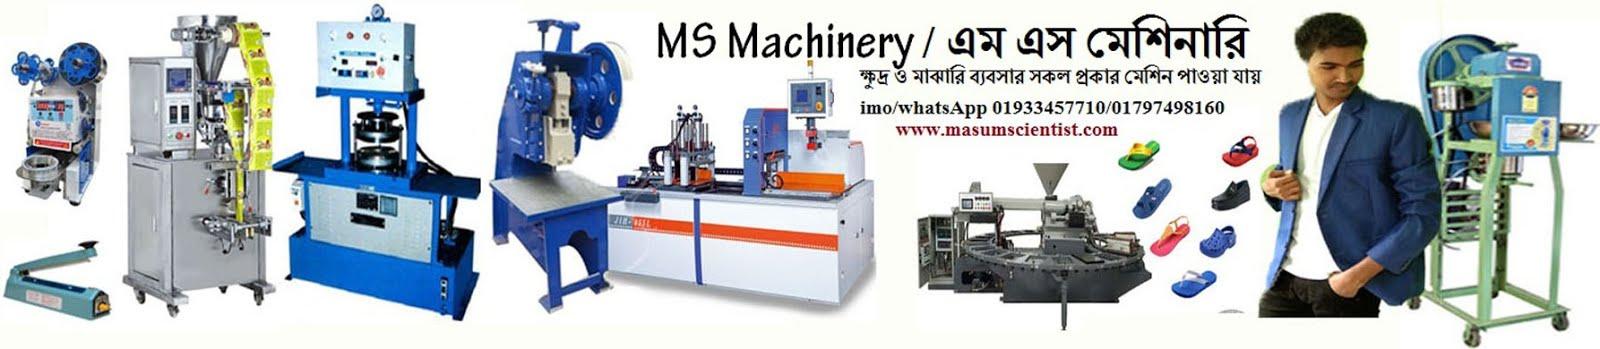 MS Machinery